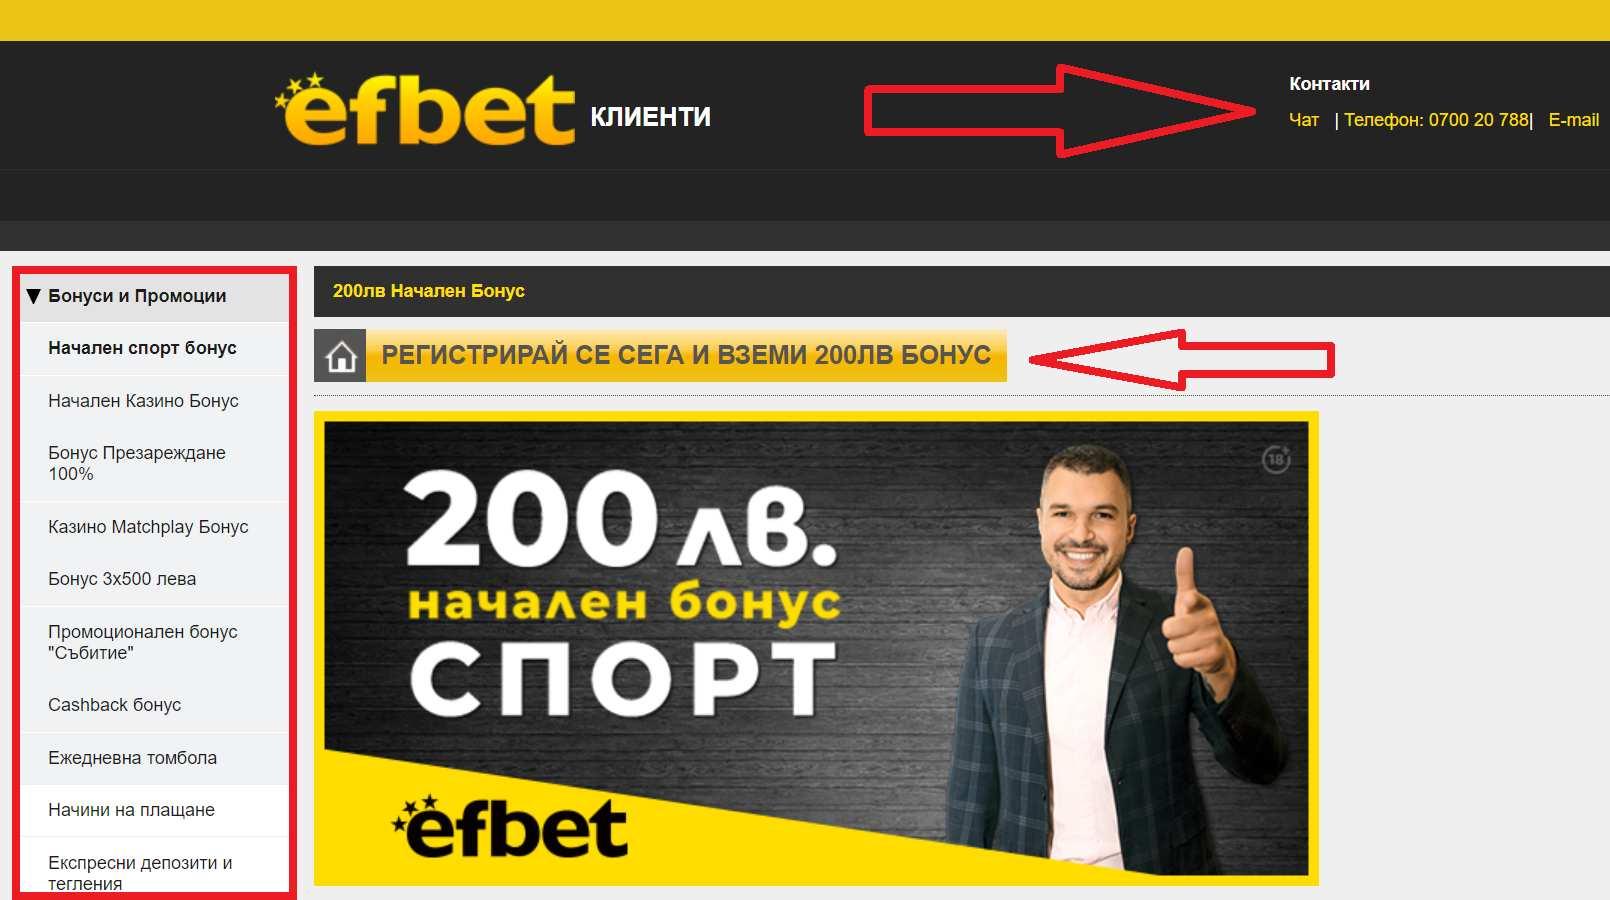 Efbet – как да взема 200 лв. Бонус при Регистрация?